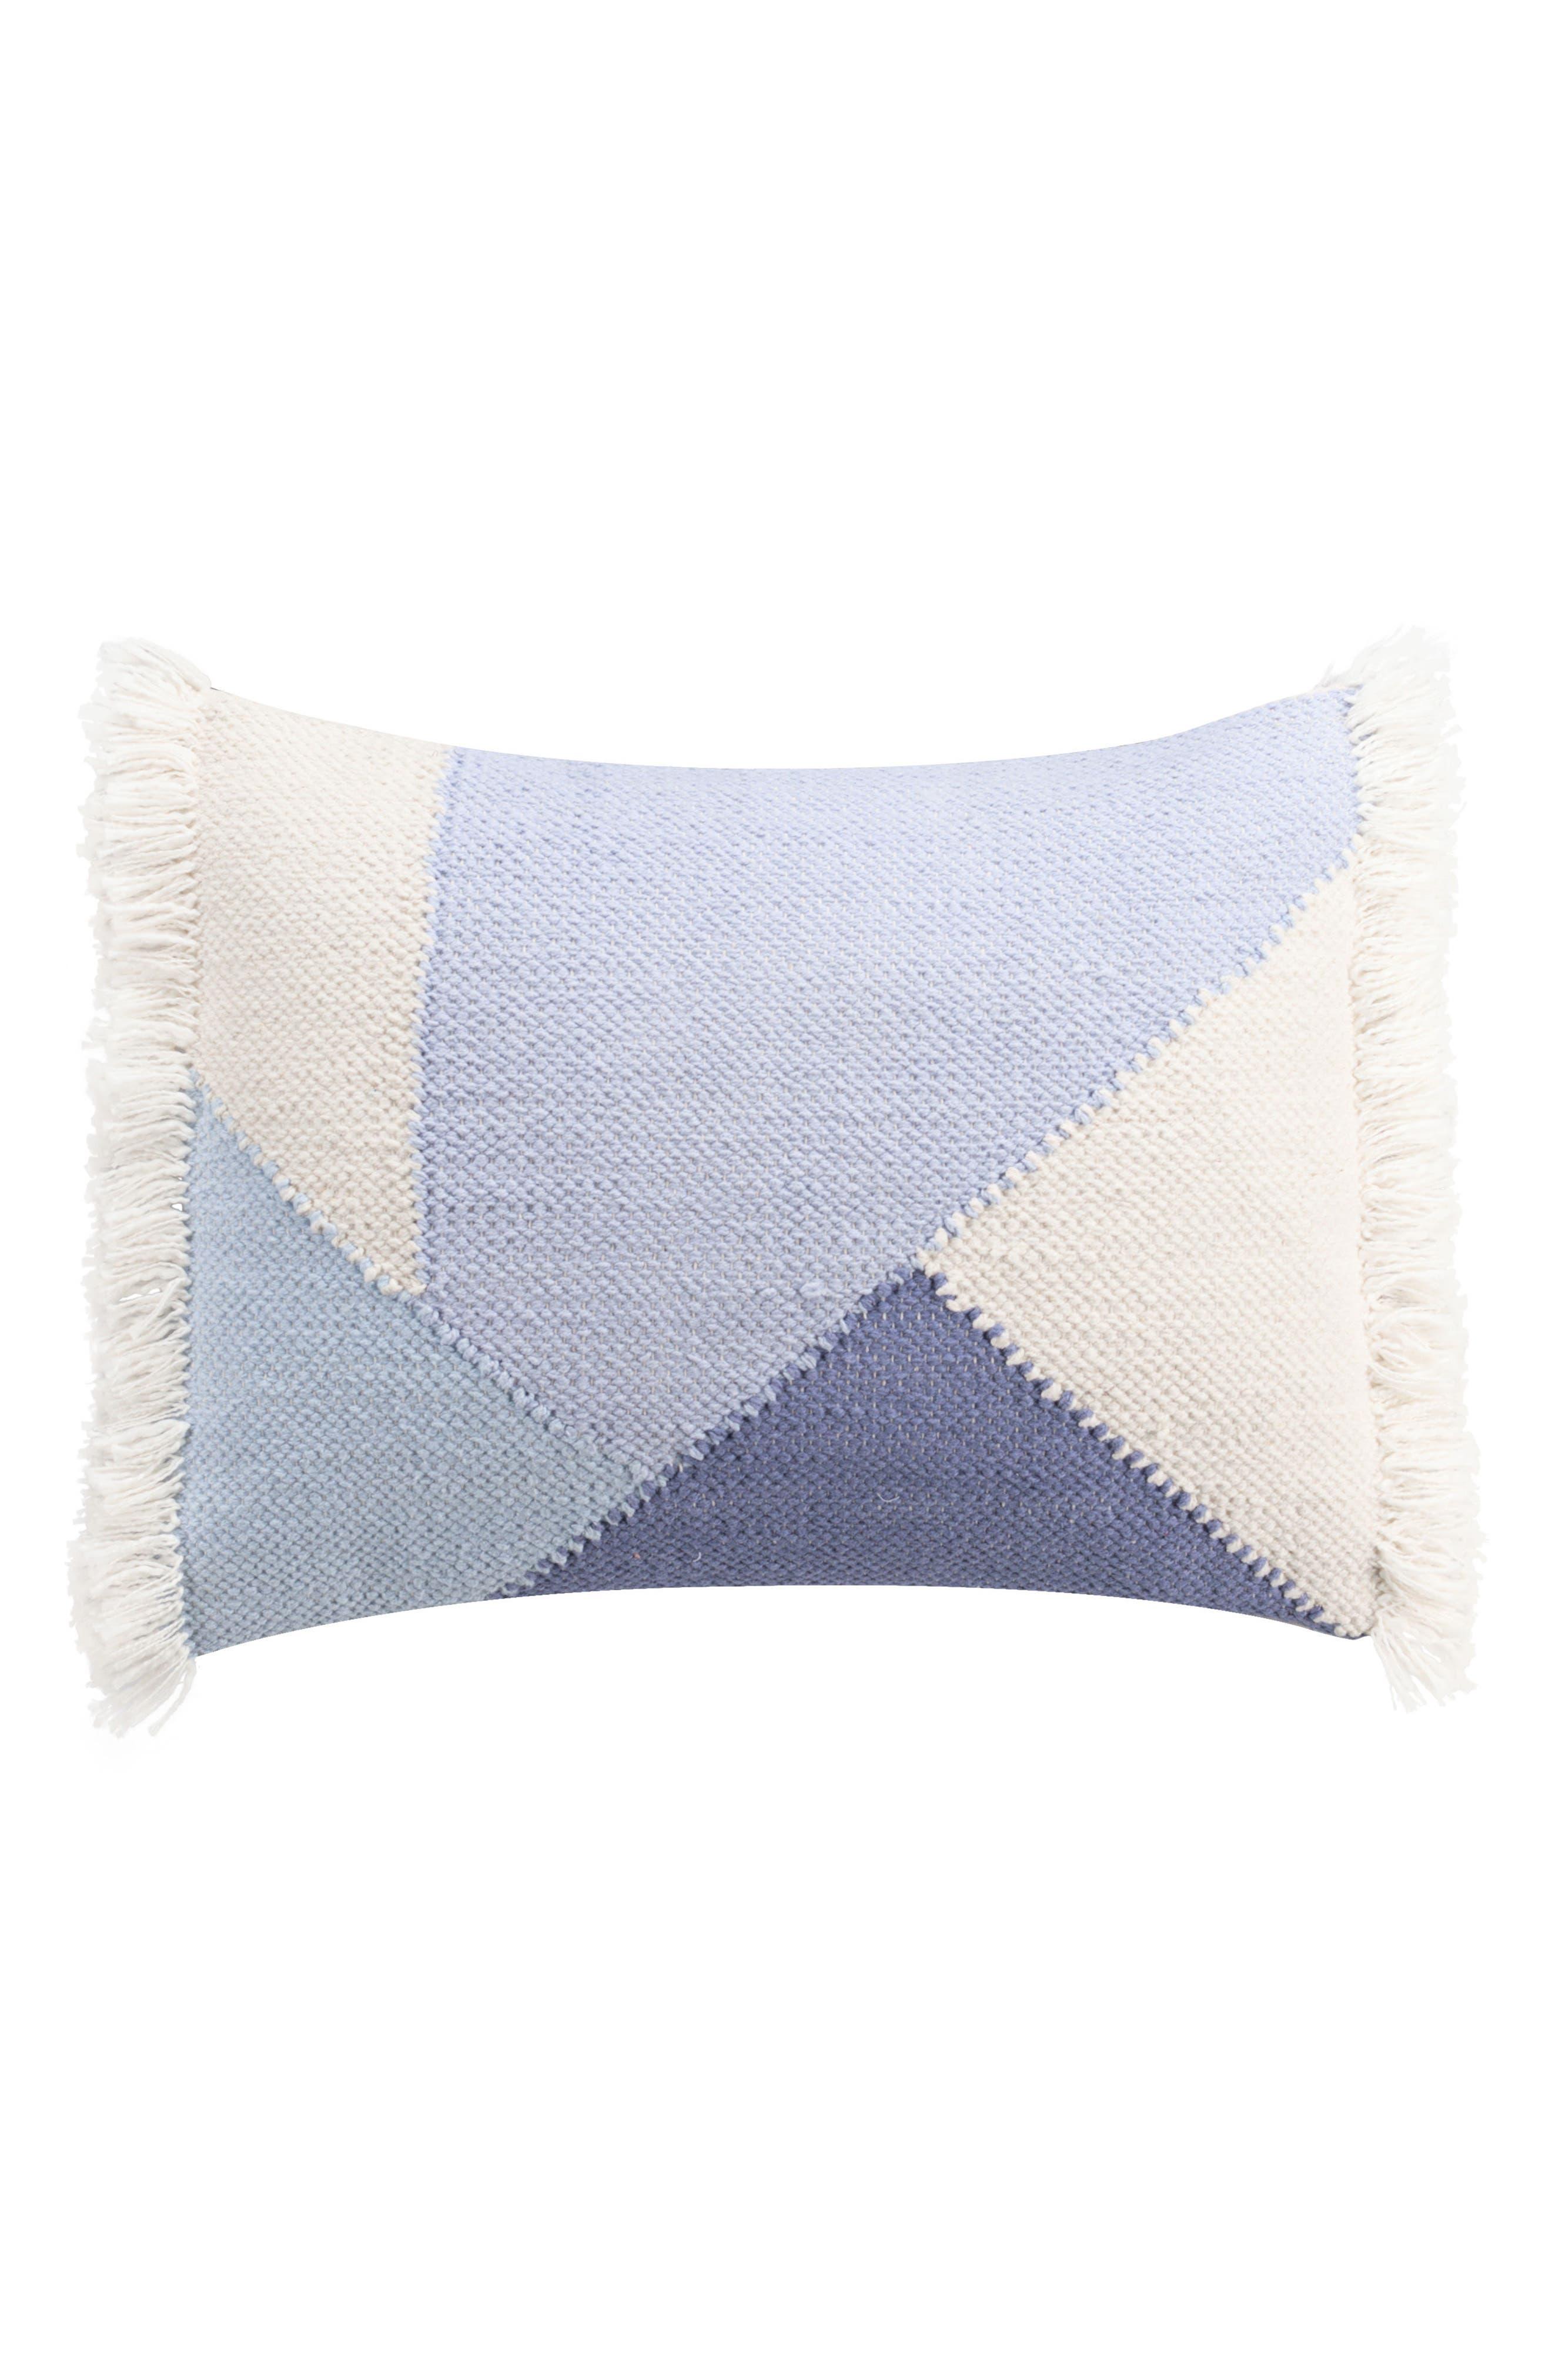 cupcakes & cashmere Mosaic Tile Accent Pillow